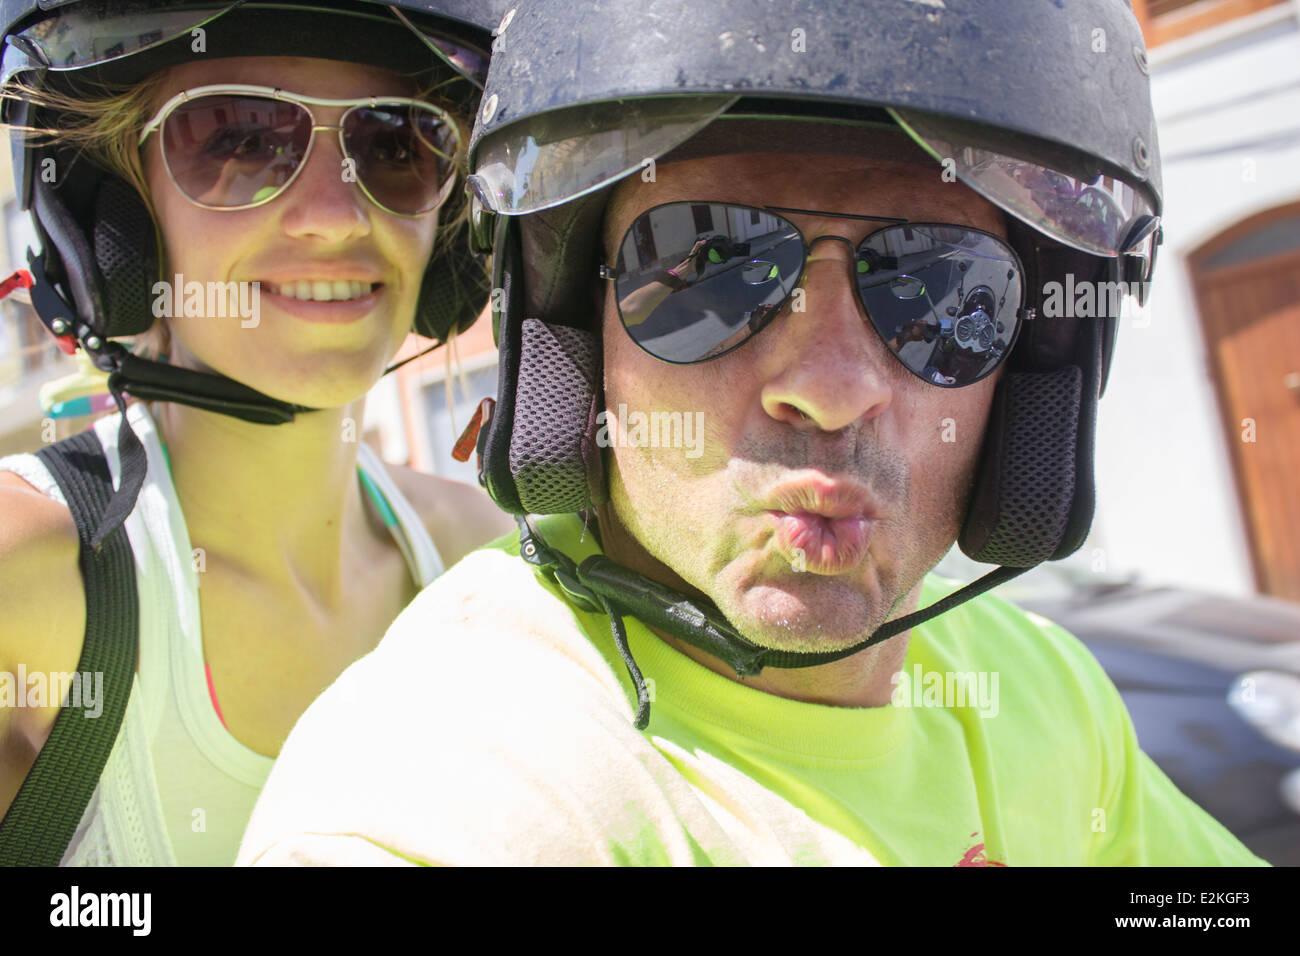 Donna Uomo giovane casco caschi occhiali da sole 'avendo divertimento di guida a Cavallo sorridente Bacio Sorriso Immagini Stock